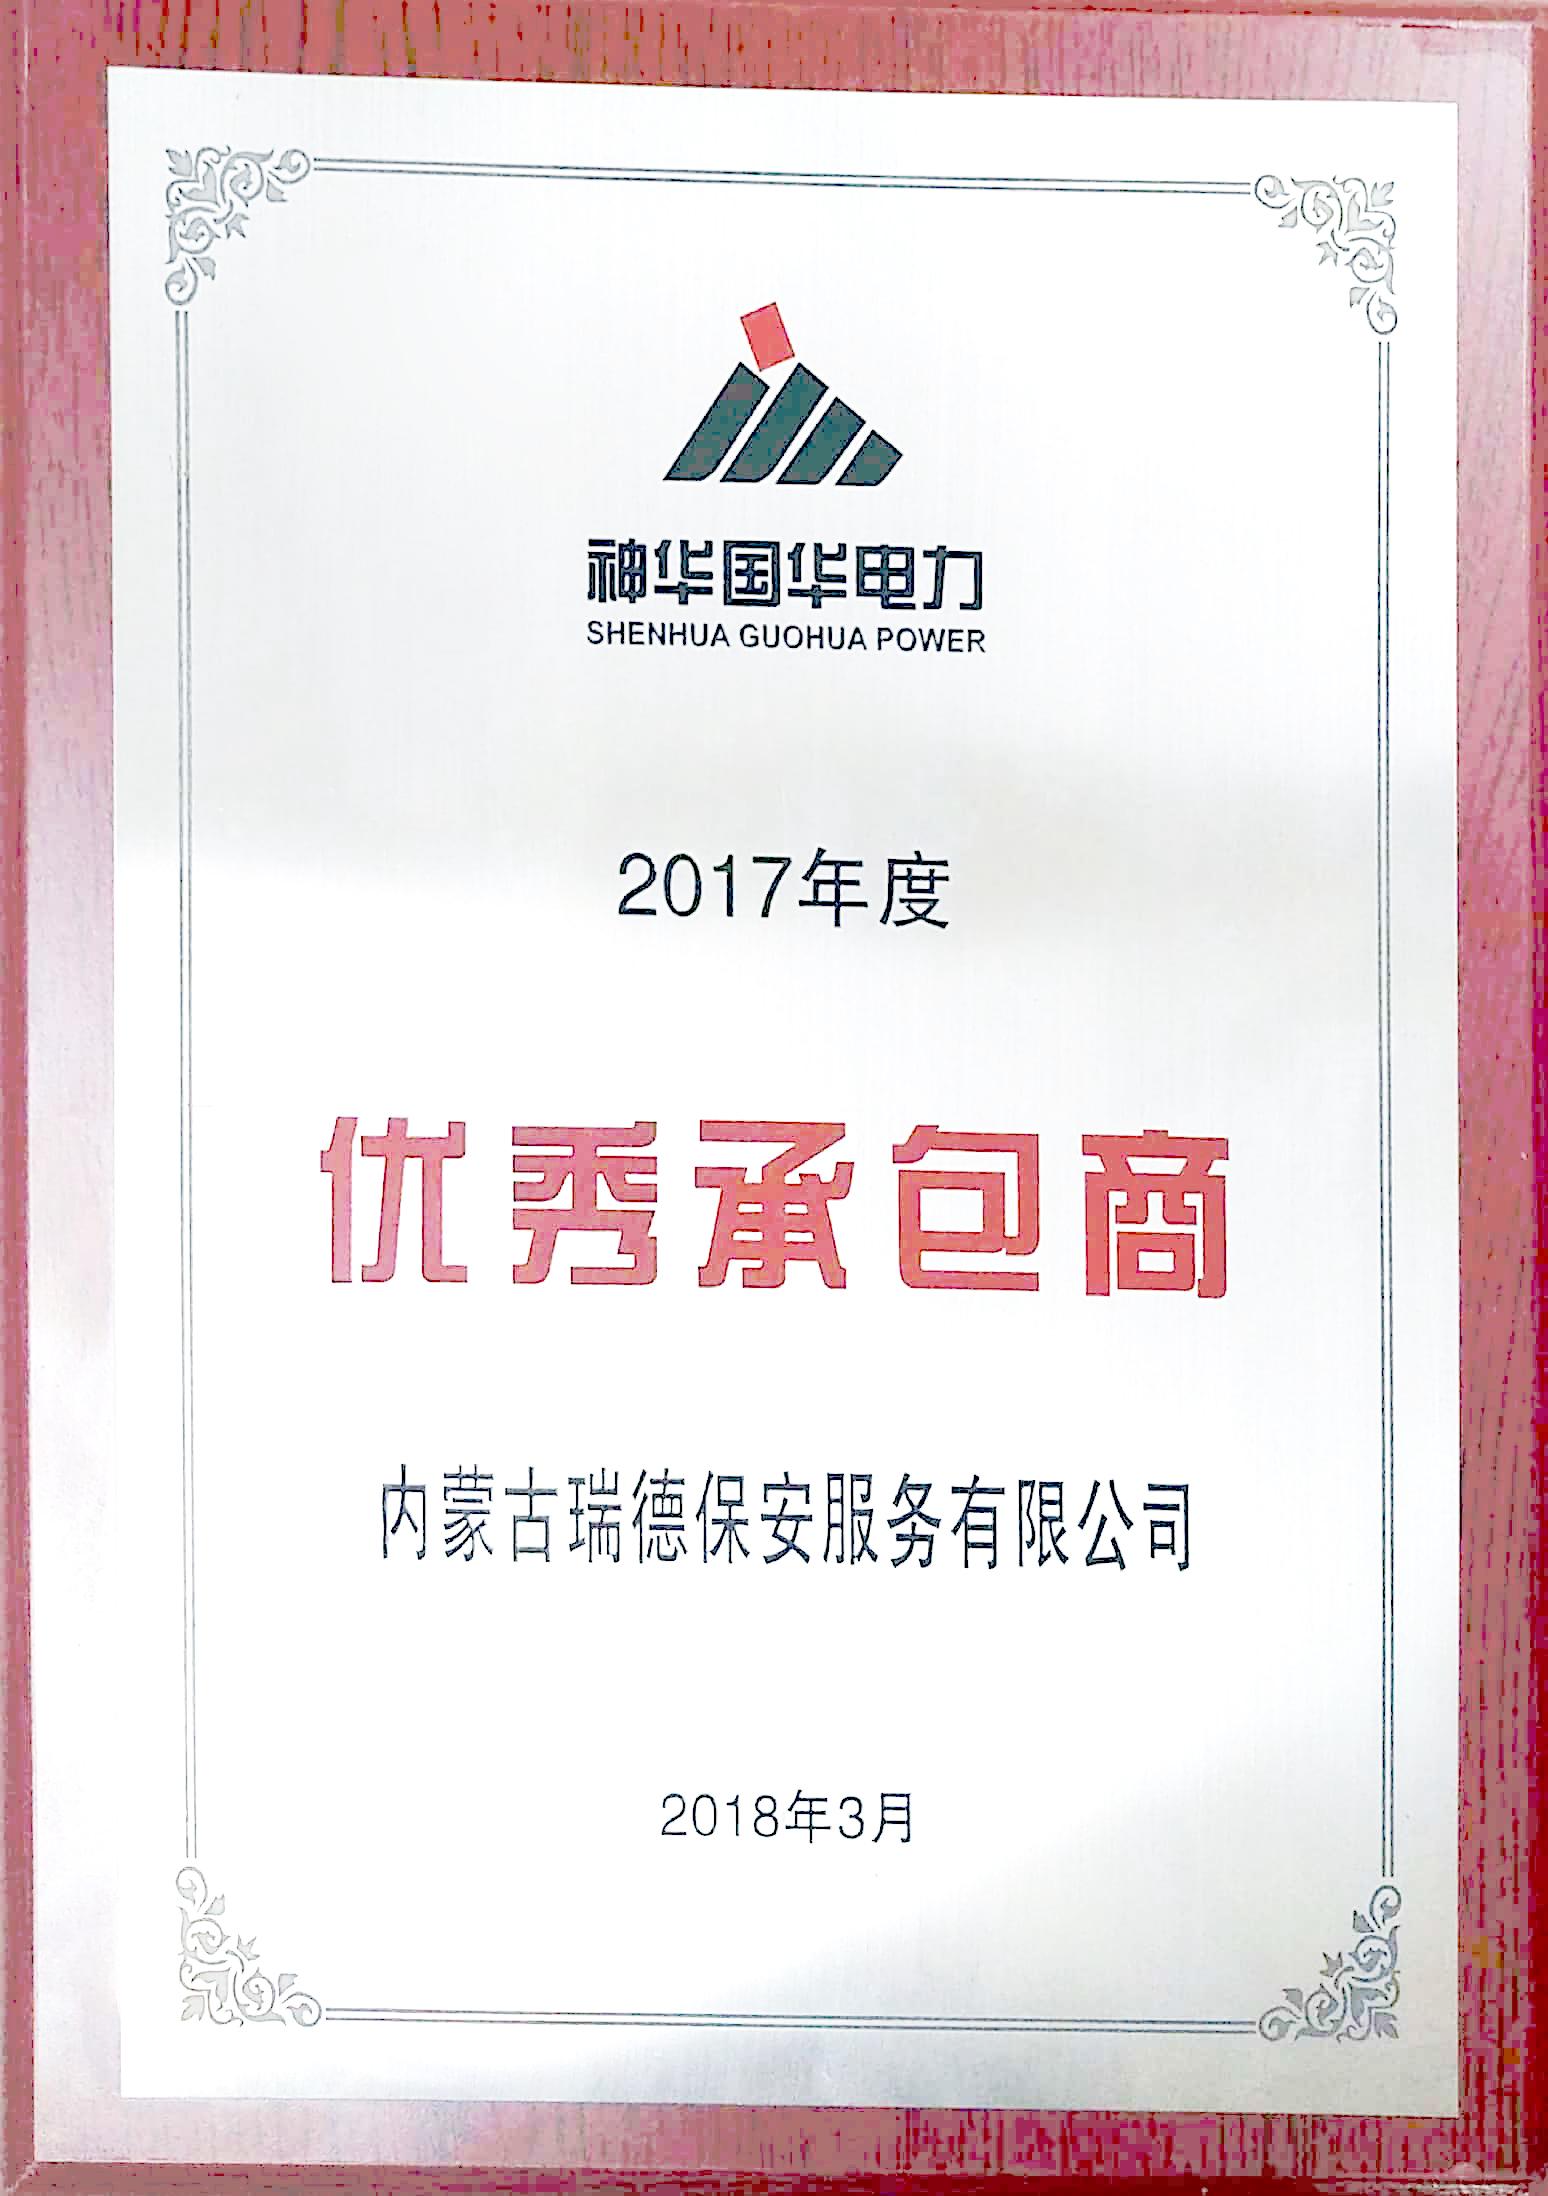 """喜报︱瑞德保安公司荣获神华国华电力""""优秀承包商""""称号"""